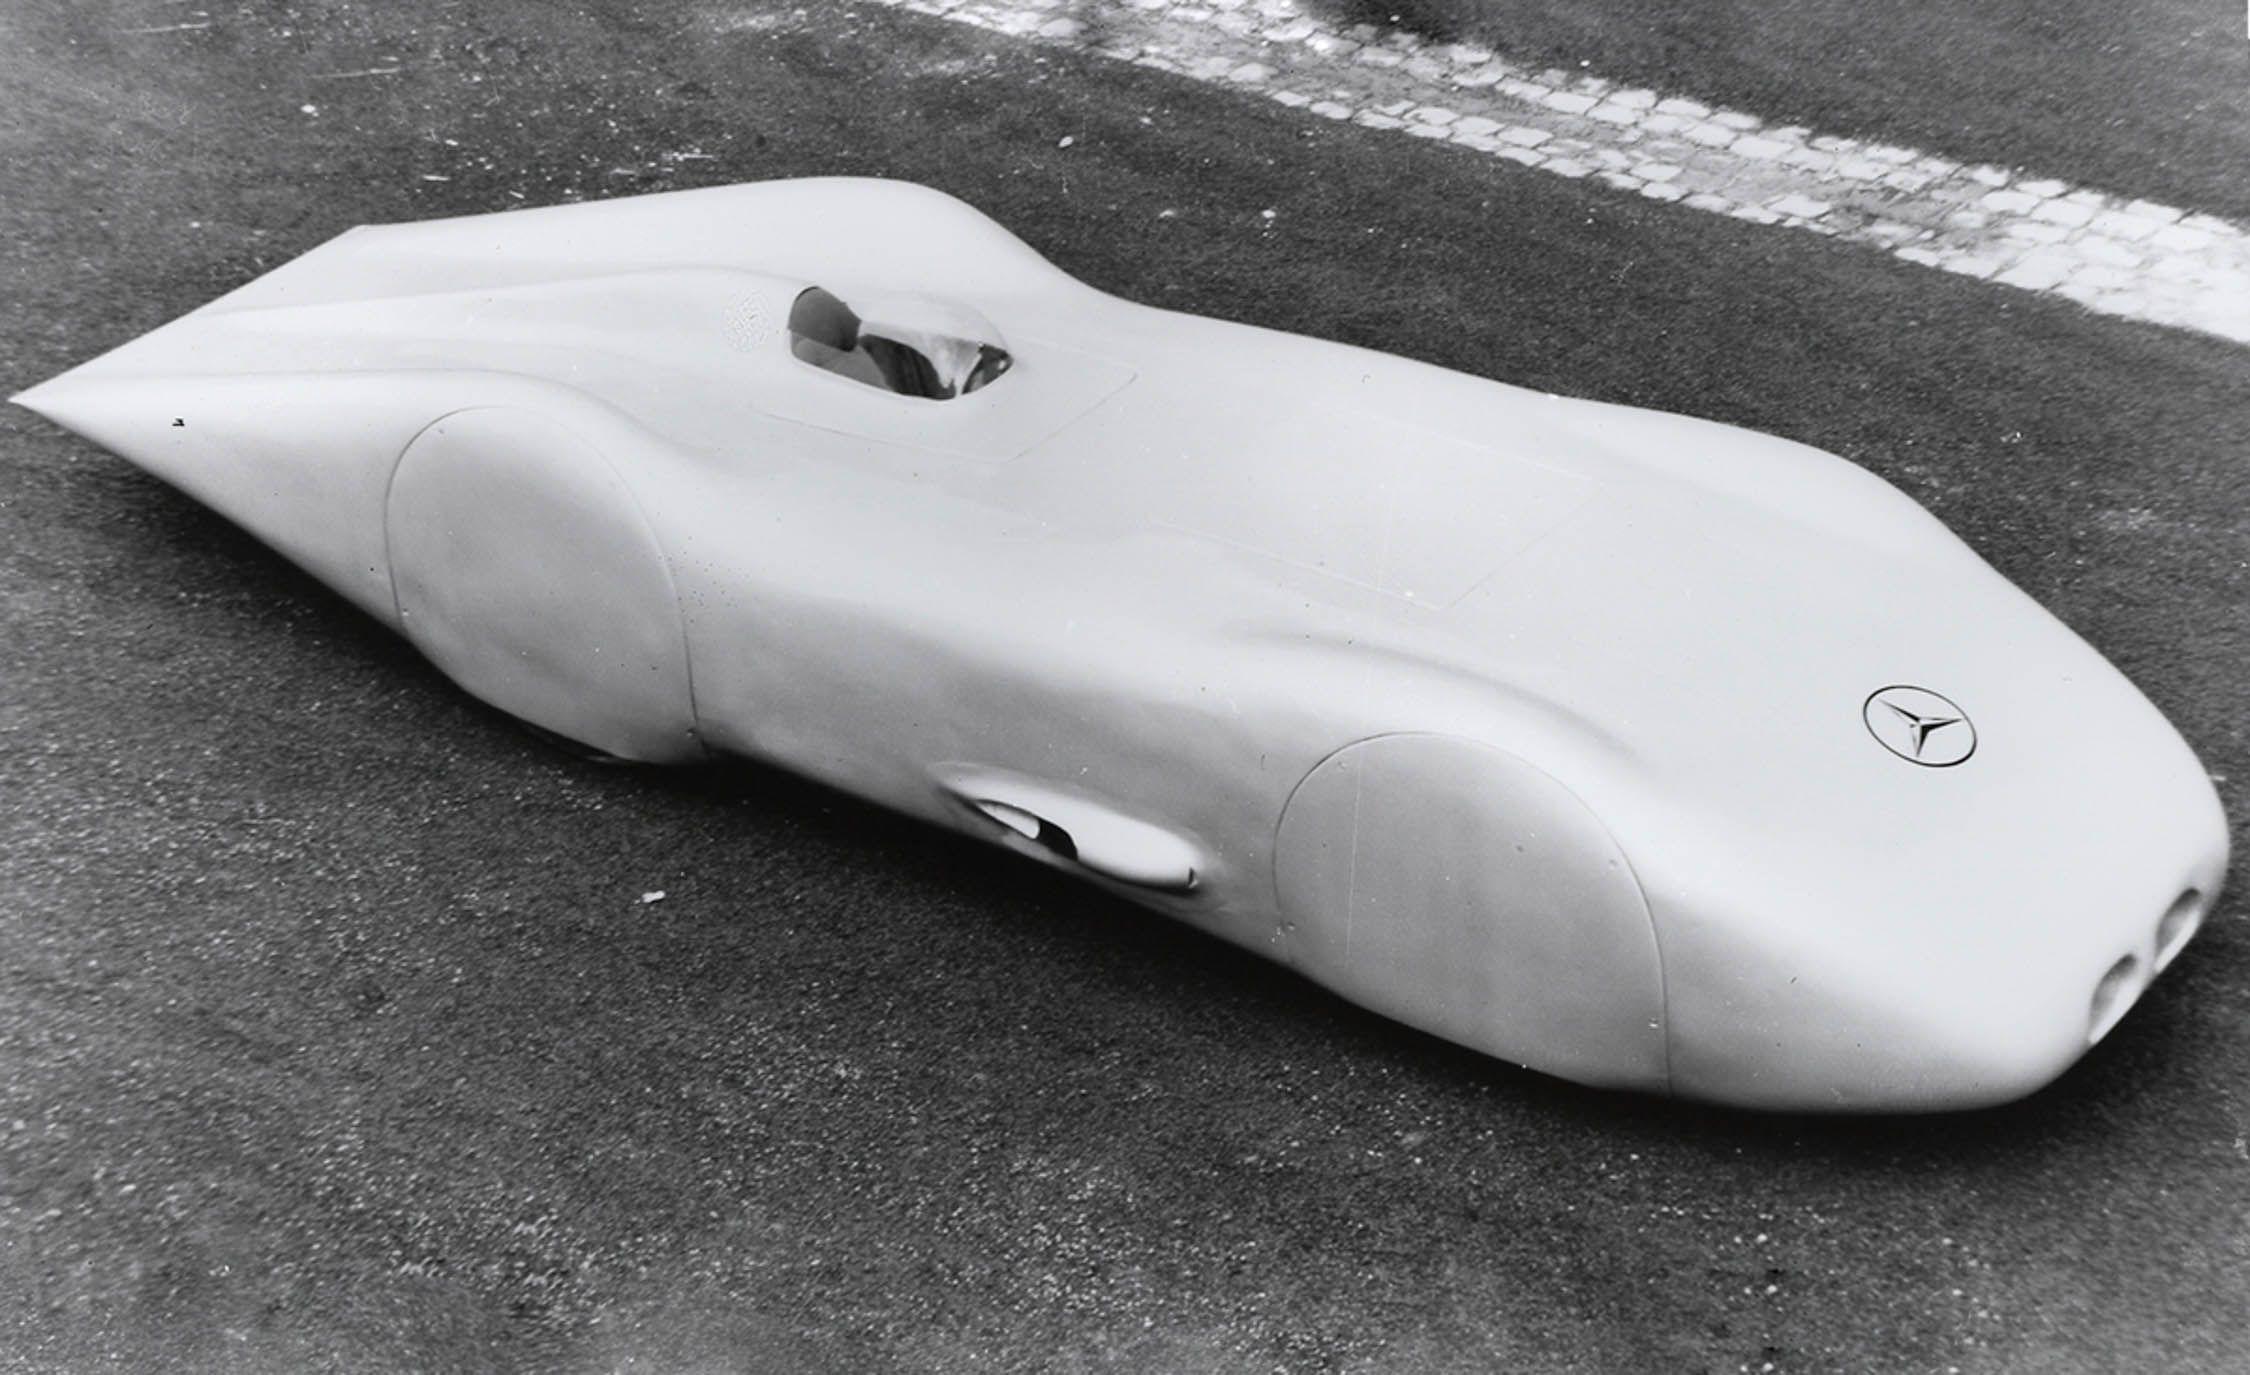 The Mercedes-Benz W125 Rekordwagen Hit 269 MPH . . . 80 Years Ago